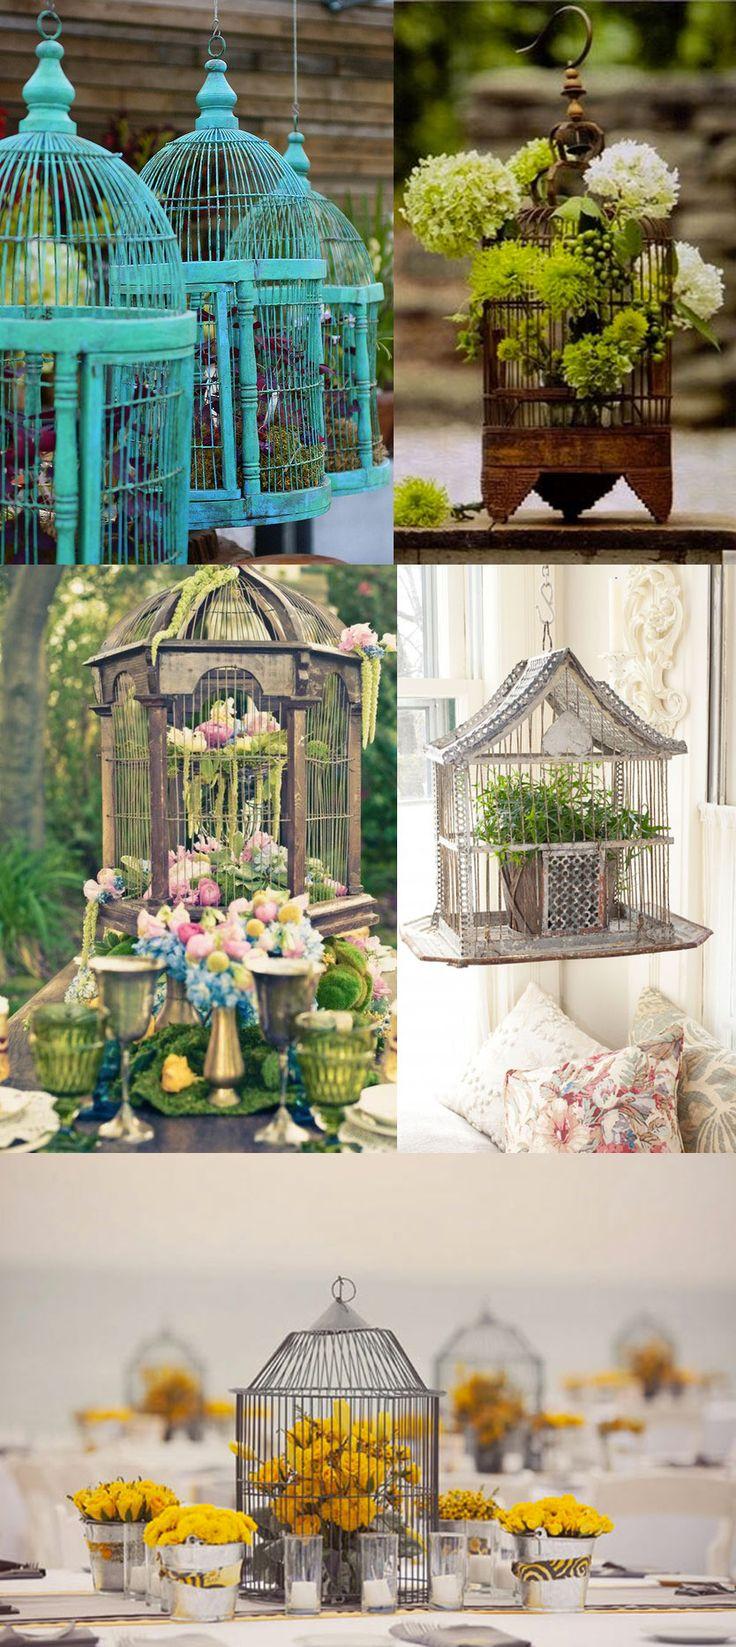 Flores: o que gosto mesmo é de gaiolas com flores! O resultado é romântico e pode servir de decoração à mesa de festa, tanto quanto para deixar na varanda ou na sala: